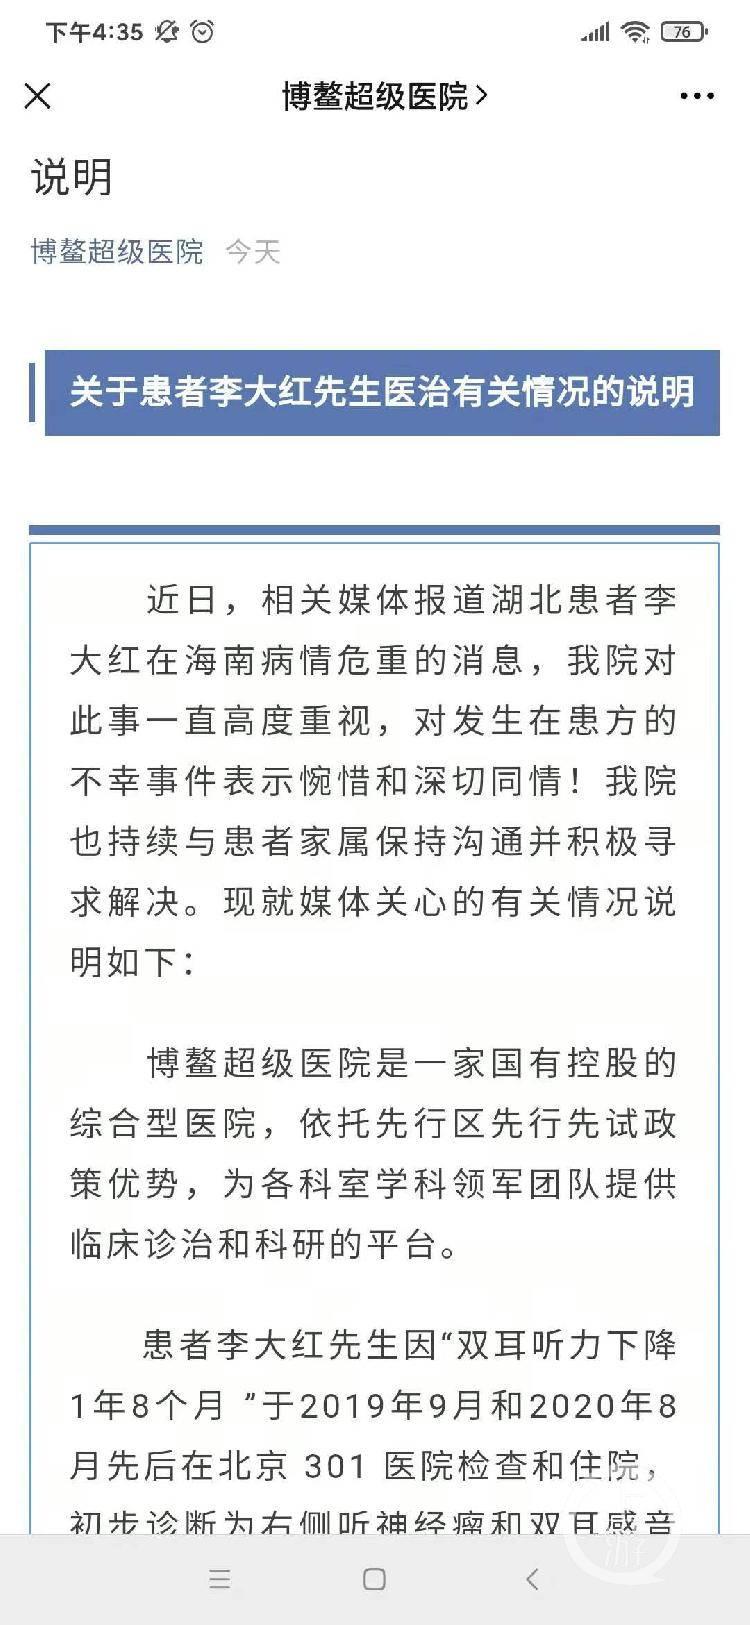 博鳌超级医院发通报称被索赔1亿,李大红家属称2100万索赔金可捐赠